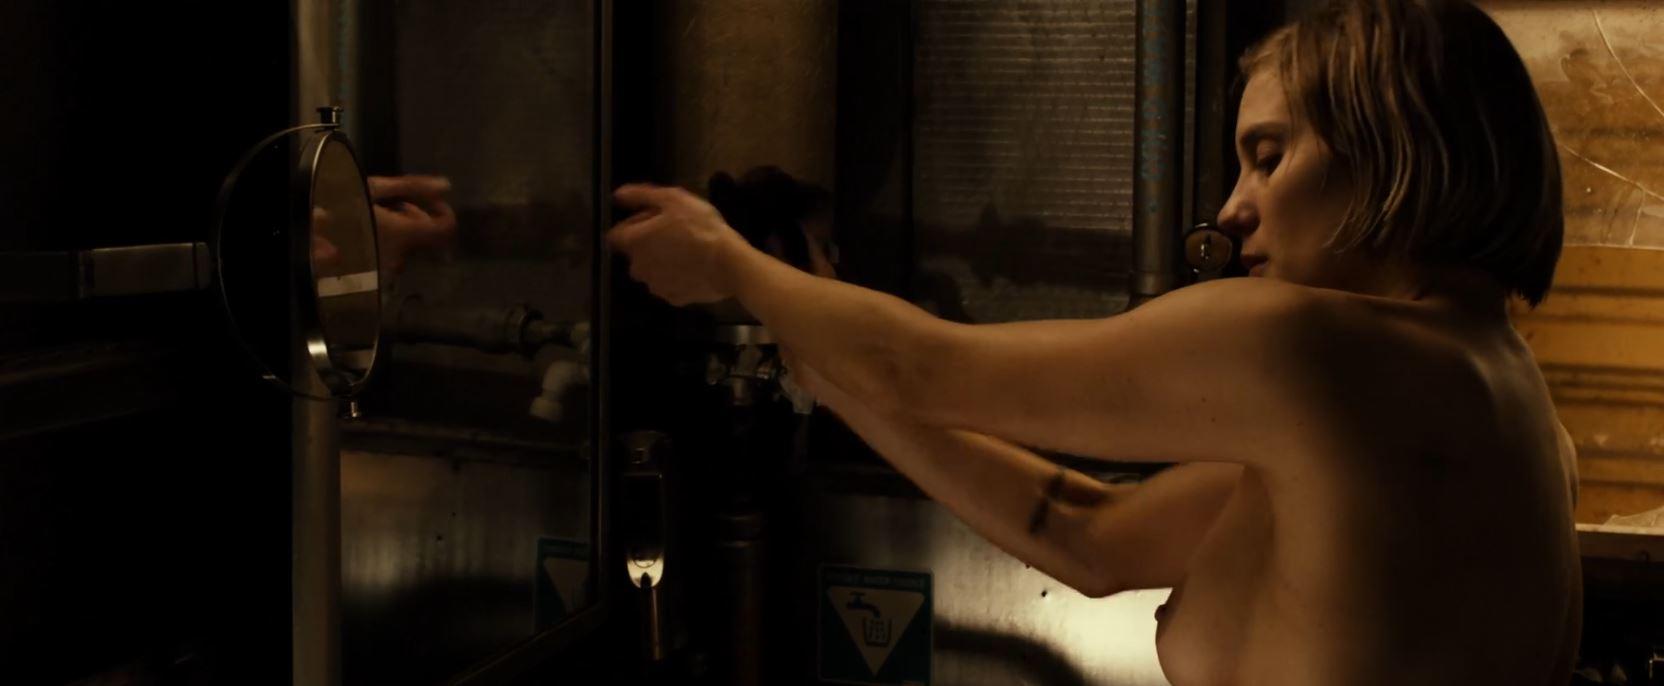 Katee Sackhoff as Dahl topless in Riddick